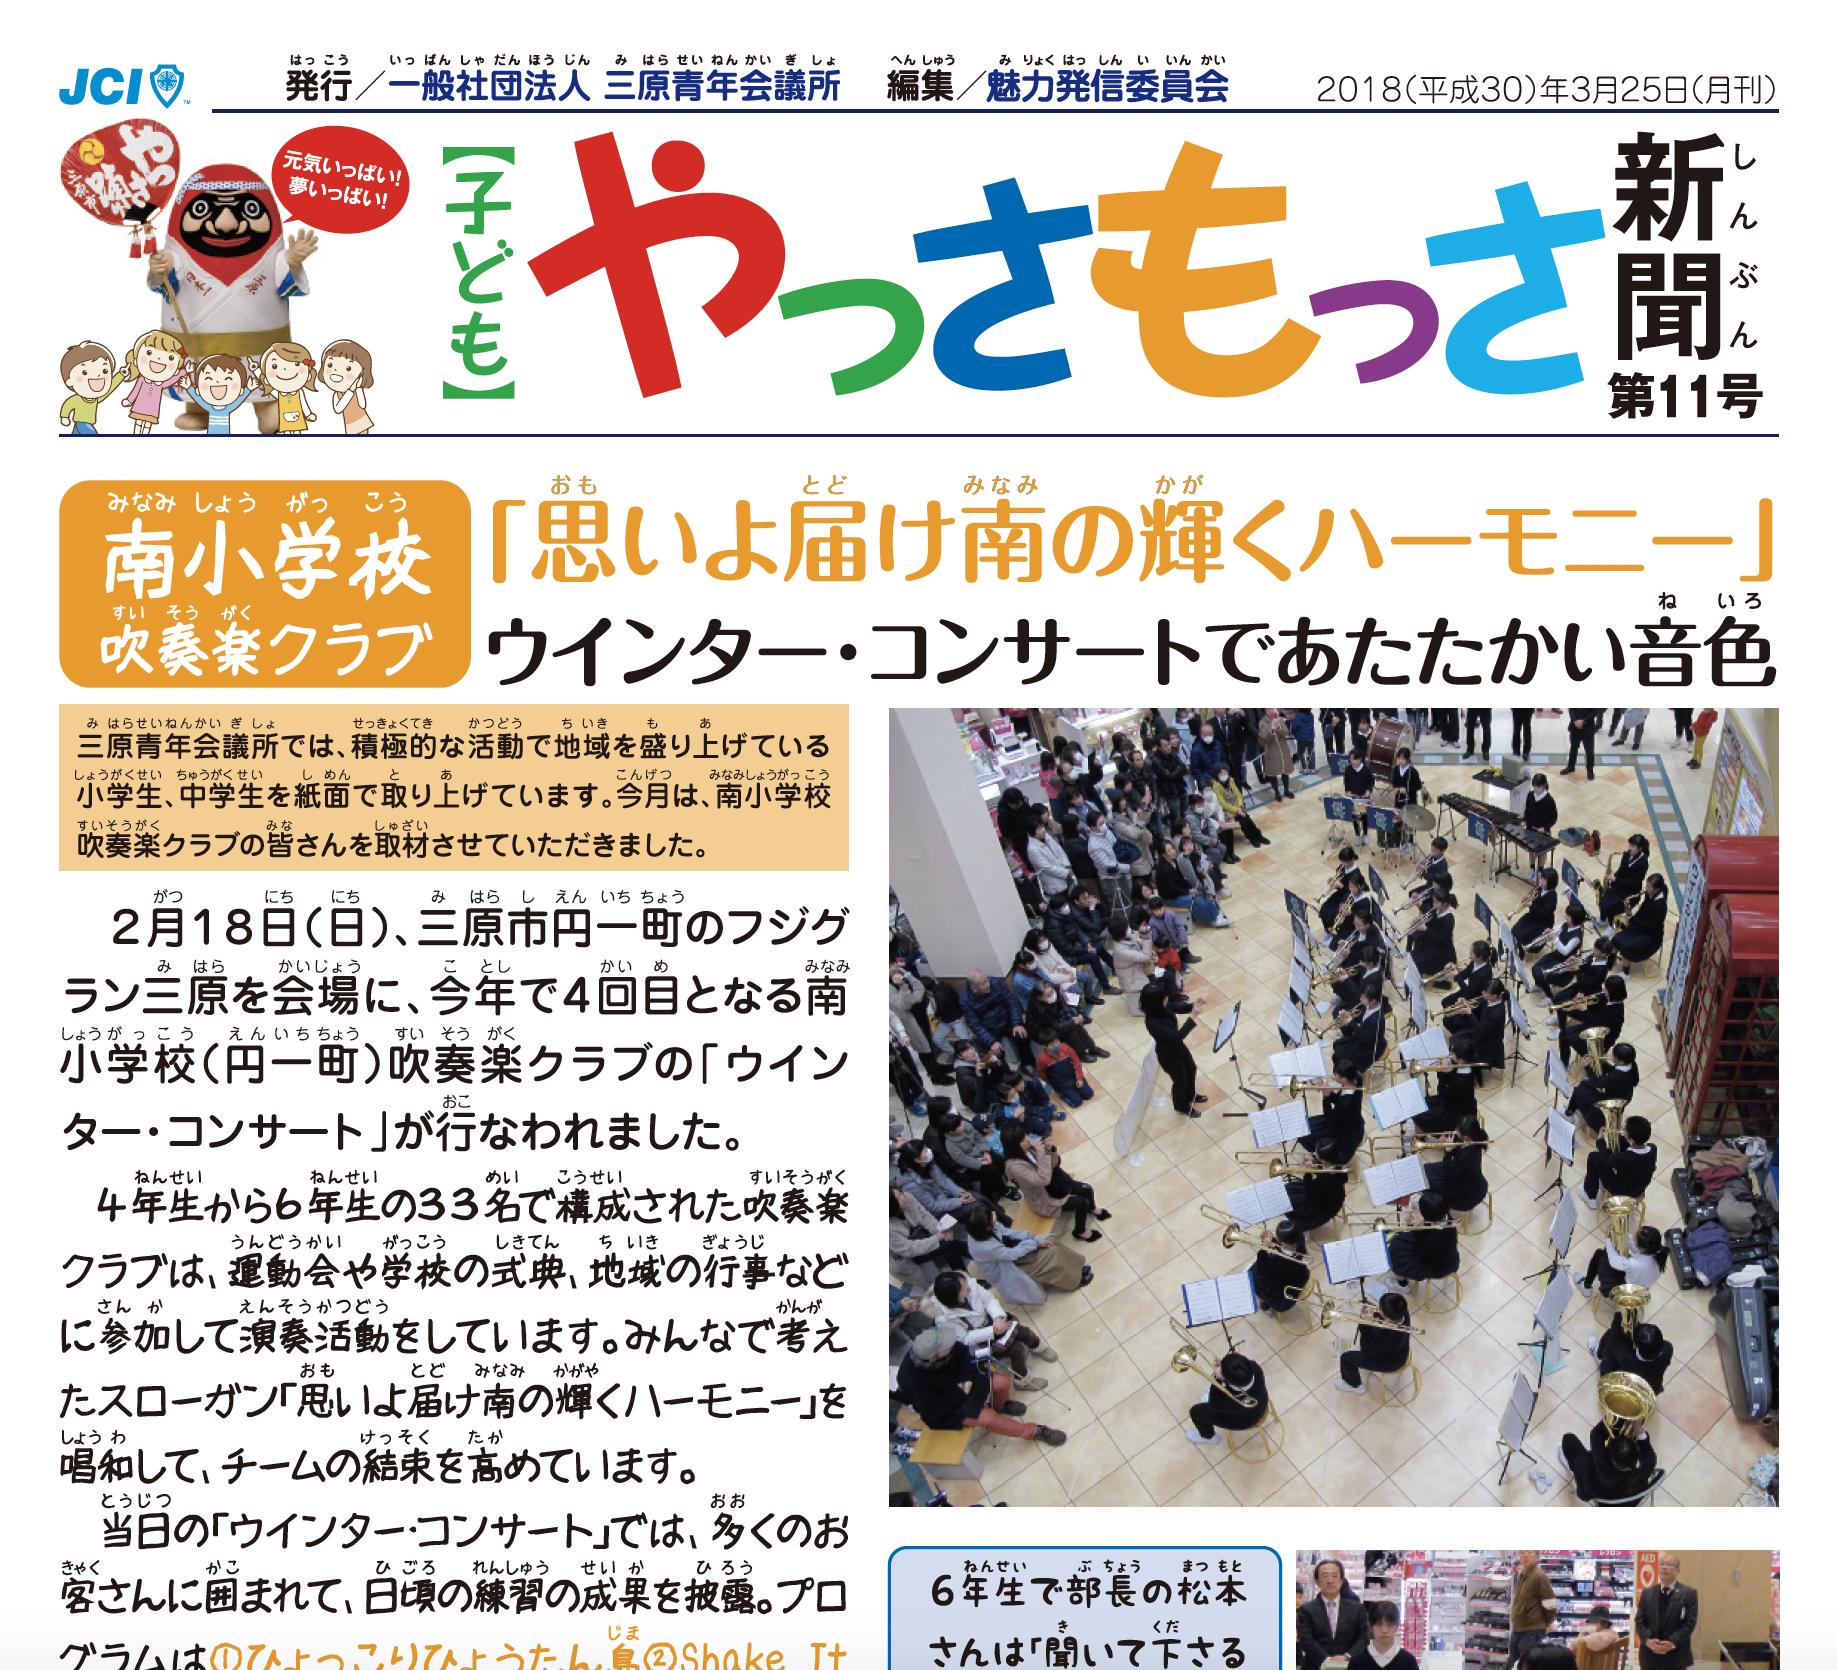 三原青年会議所新聞 子どもやっさもっさ新聞(第11号)のご案内